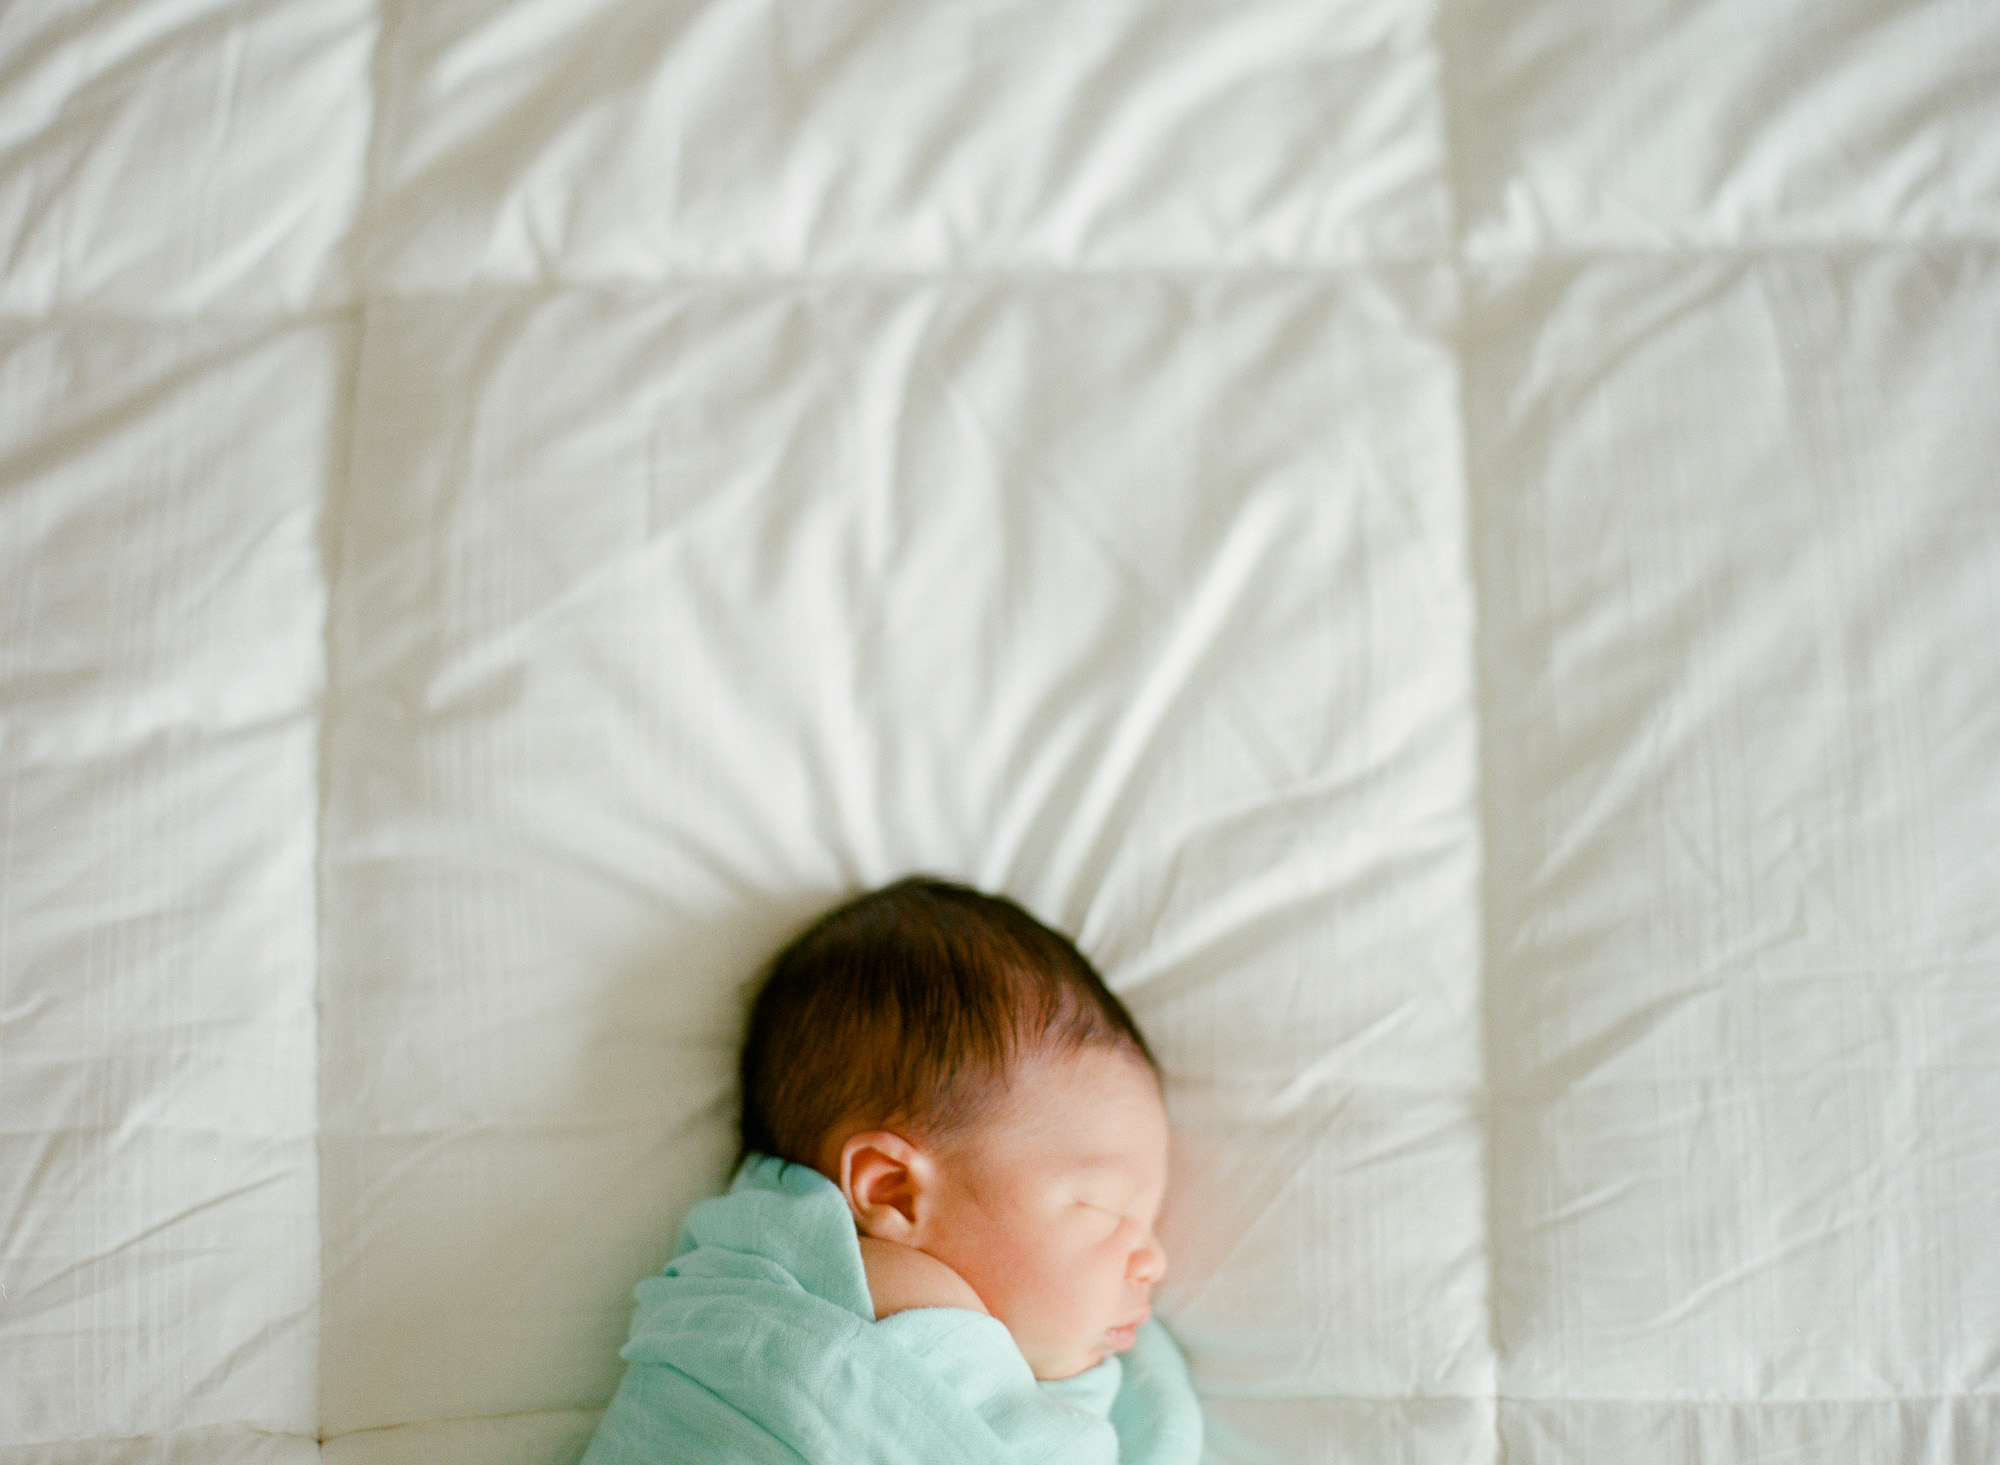 BabyJudah_©kristinmyoung_FILM_hires-16.jpg